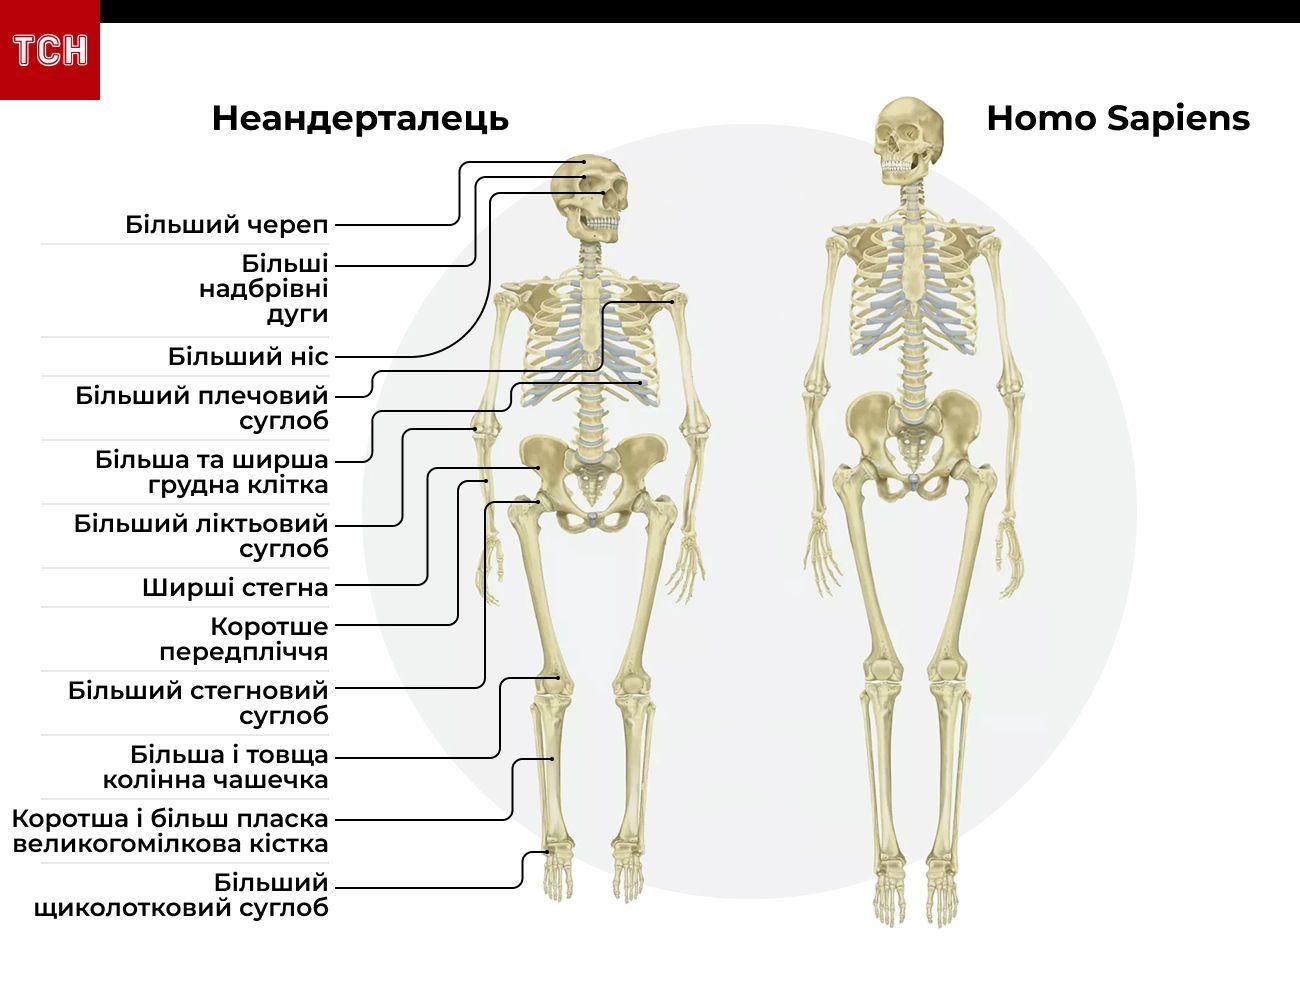 чим неандертальці відрізняються від Homo Sapiens інфографіка